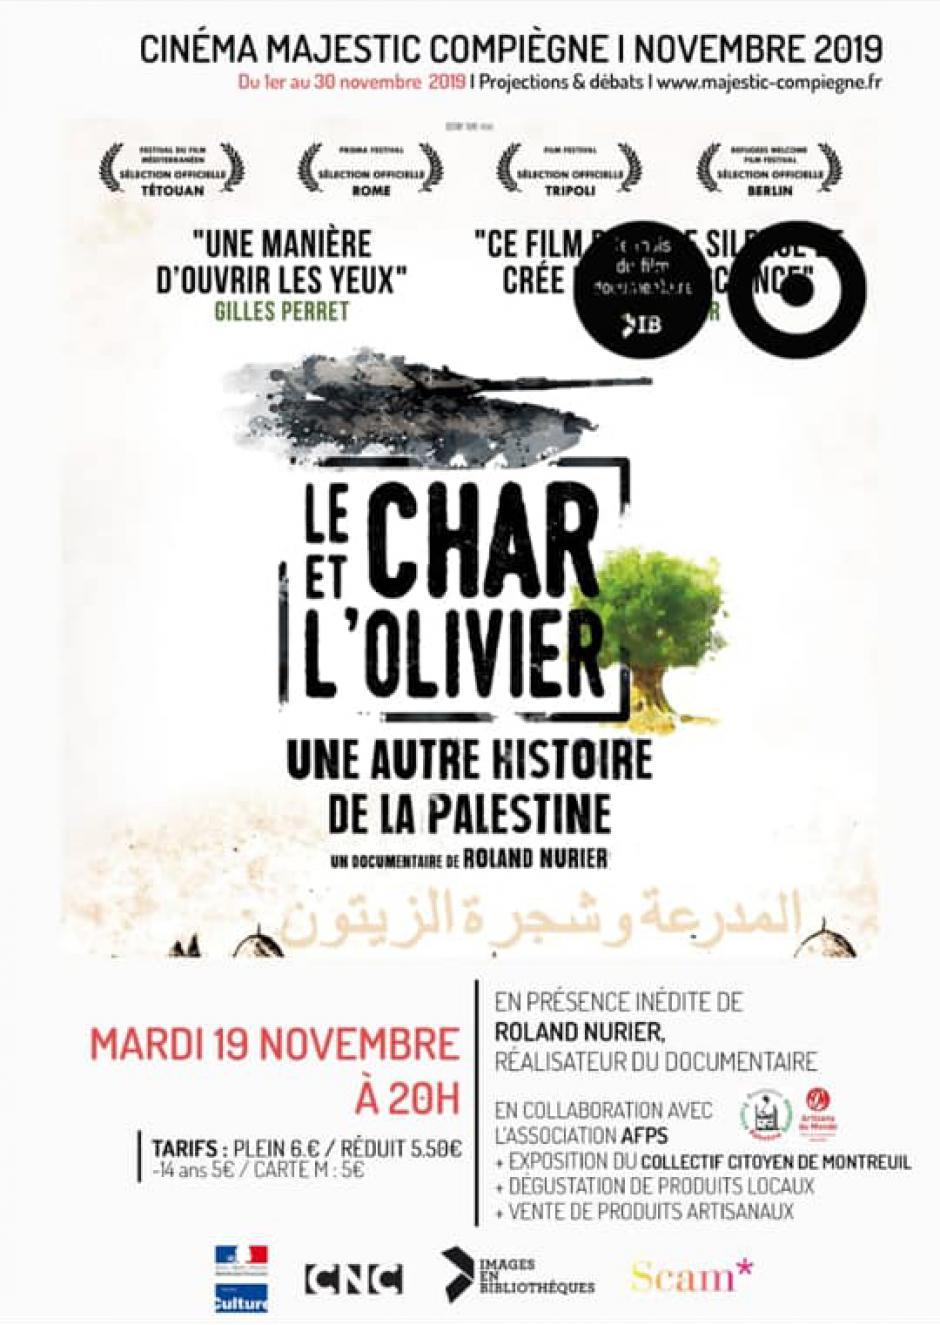 19 novembre, Compiègne - Projection-débat « Le char et l'olivier, une autre histoire de la Palestine »